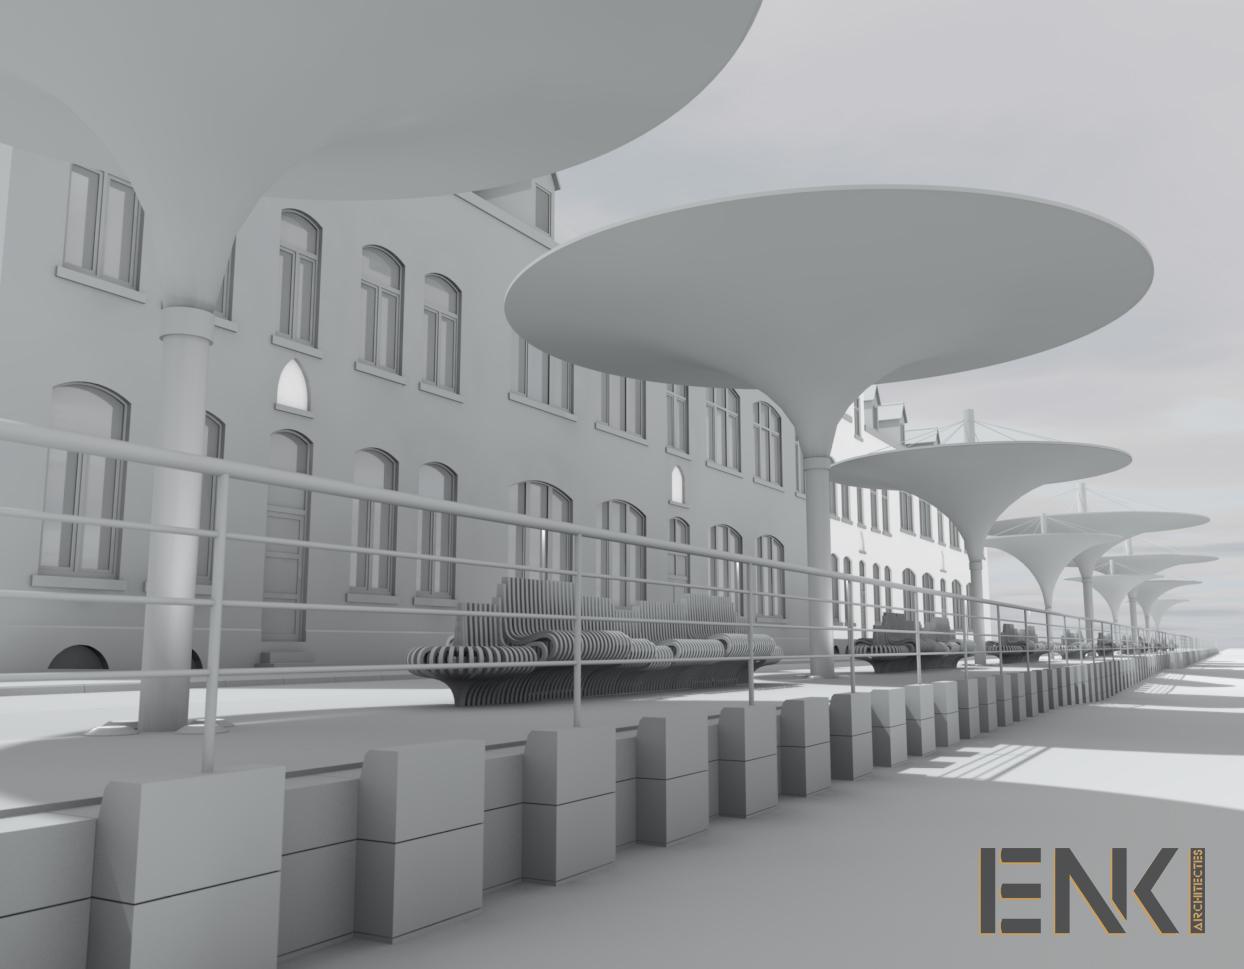 ENKI - MOBILIER URBAIN- préau plage maquette